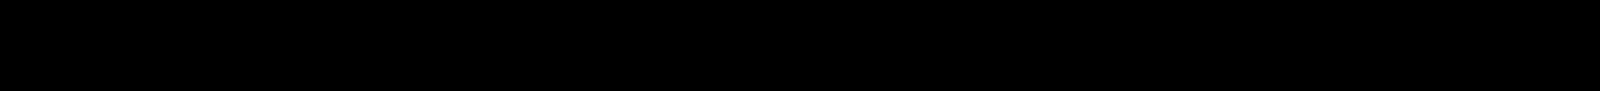 Image result for divider line